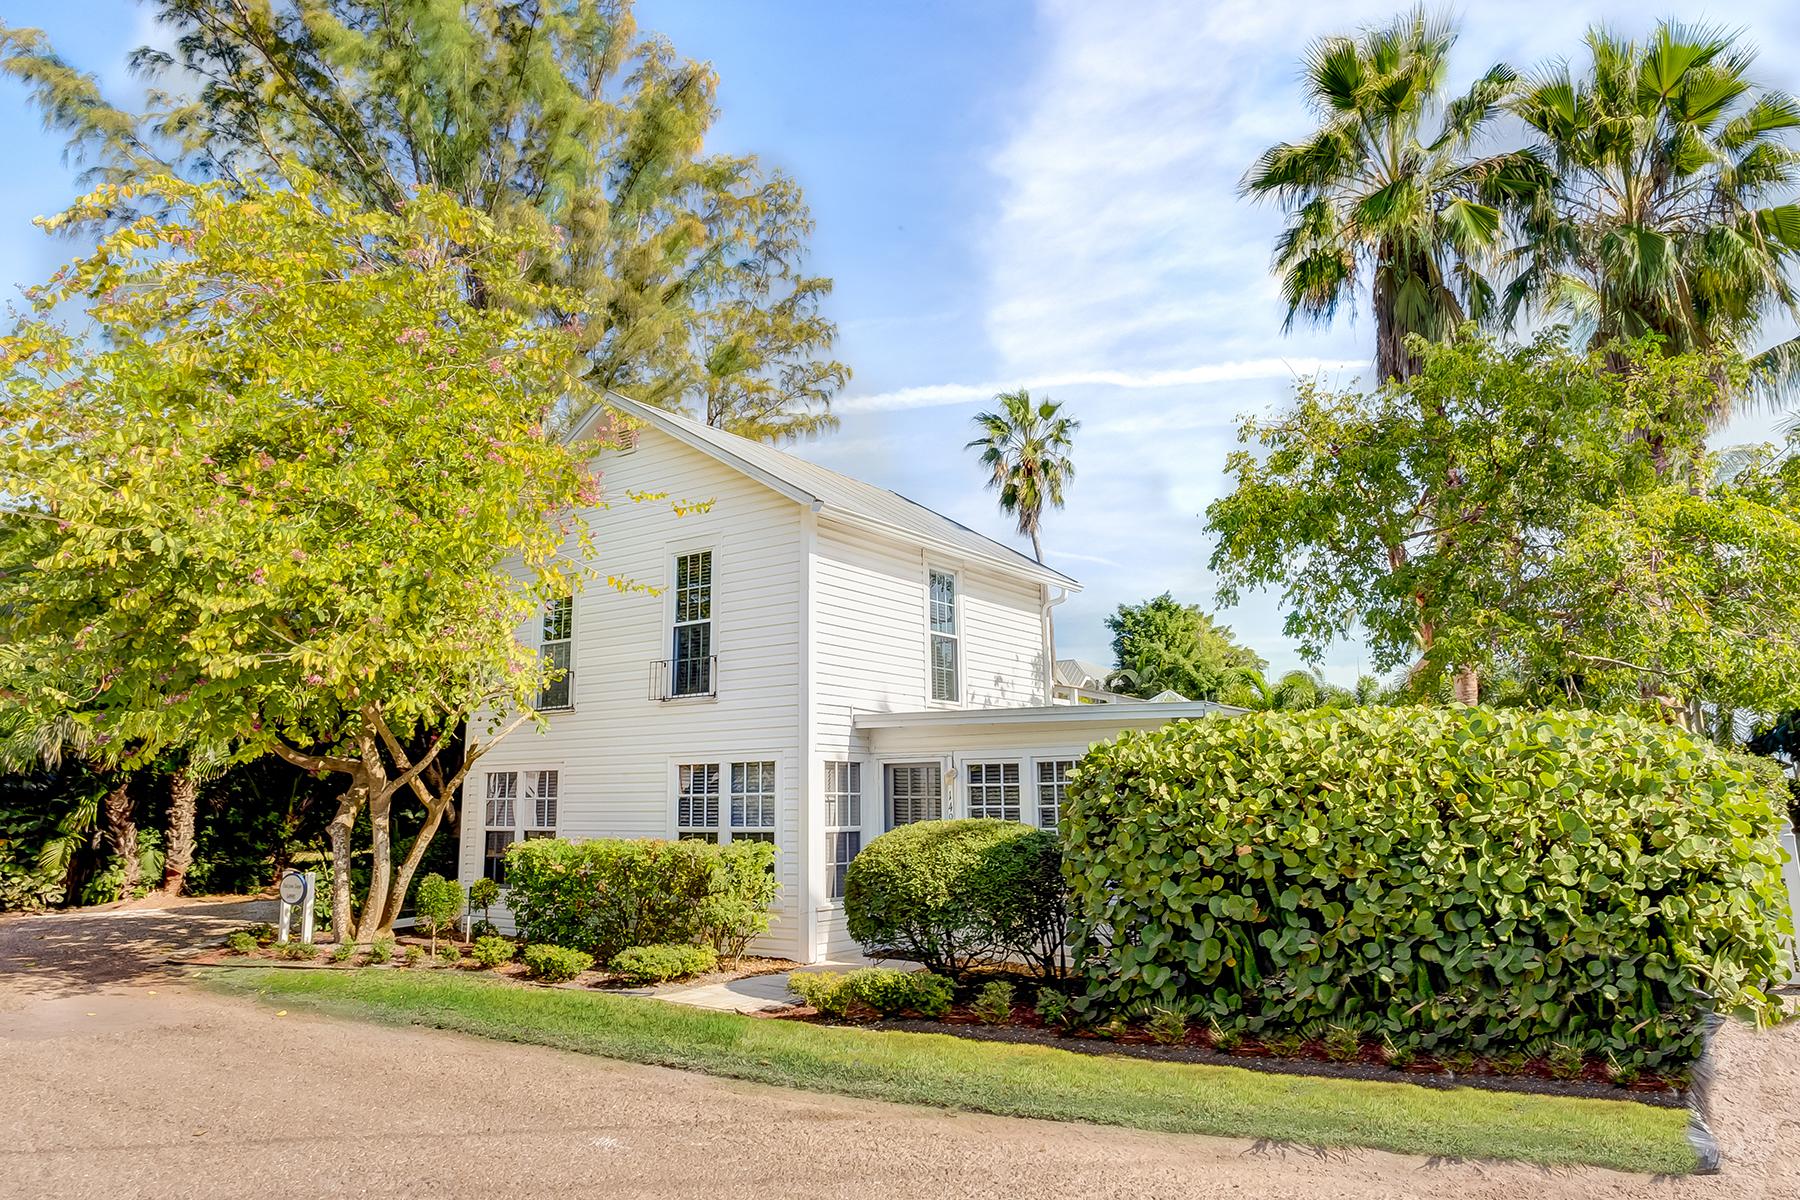 Tek Ailelik Ev için Satış at CAPTIVA 14981 Binder Dr Captiva, Florida, 33924 Amerika Birleşik Devletleri